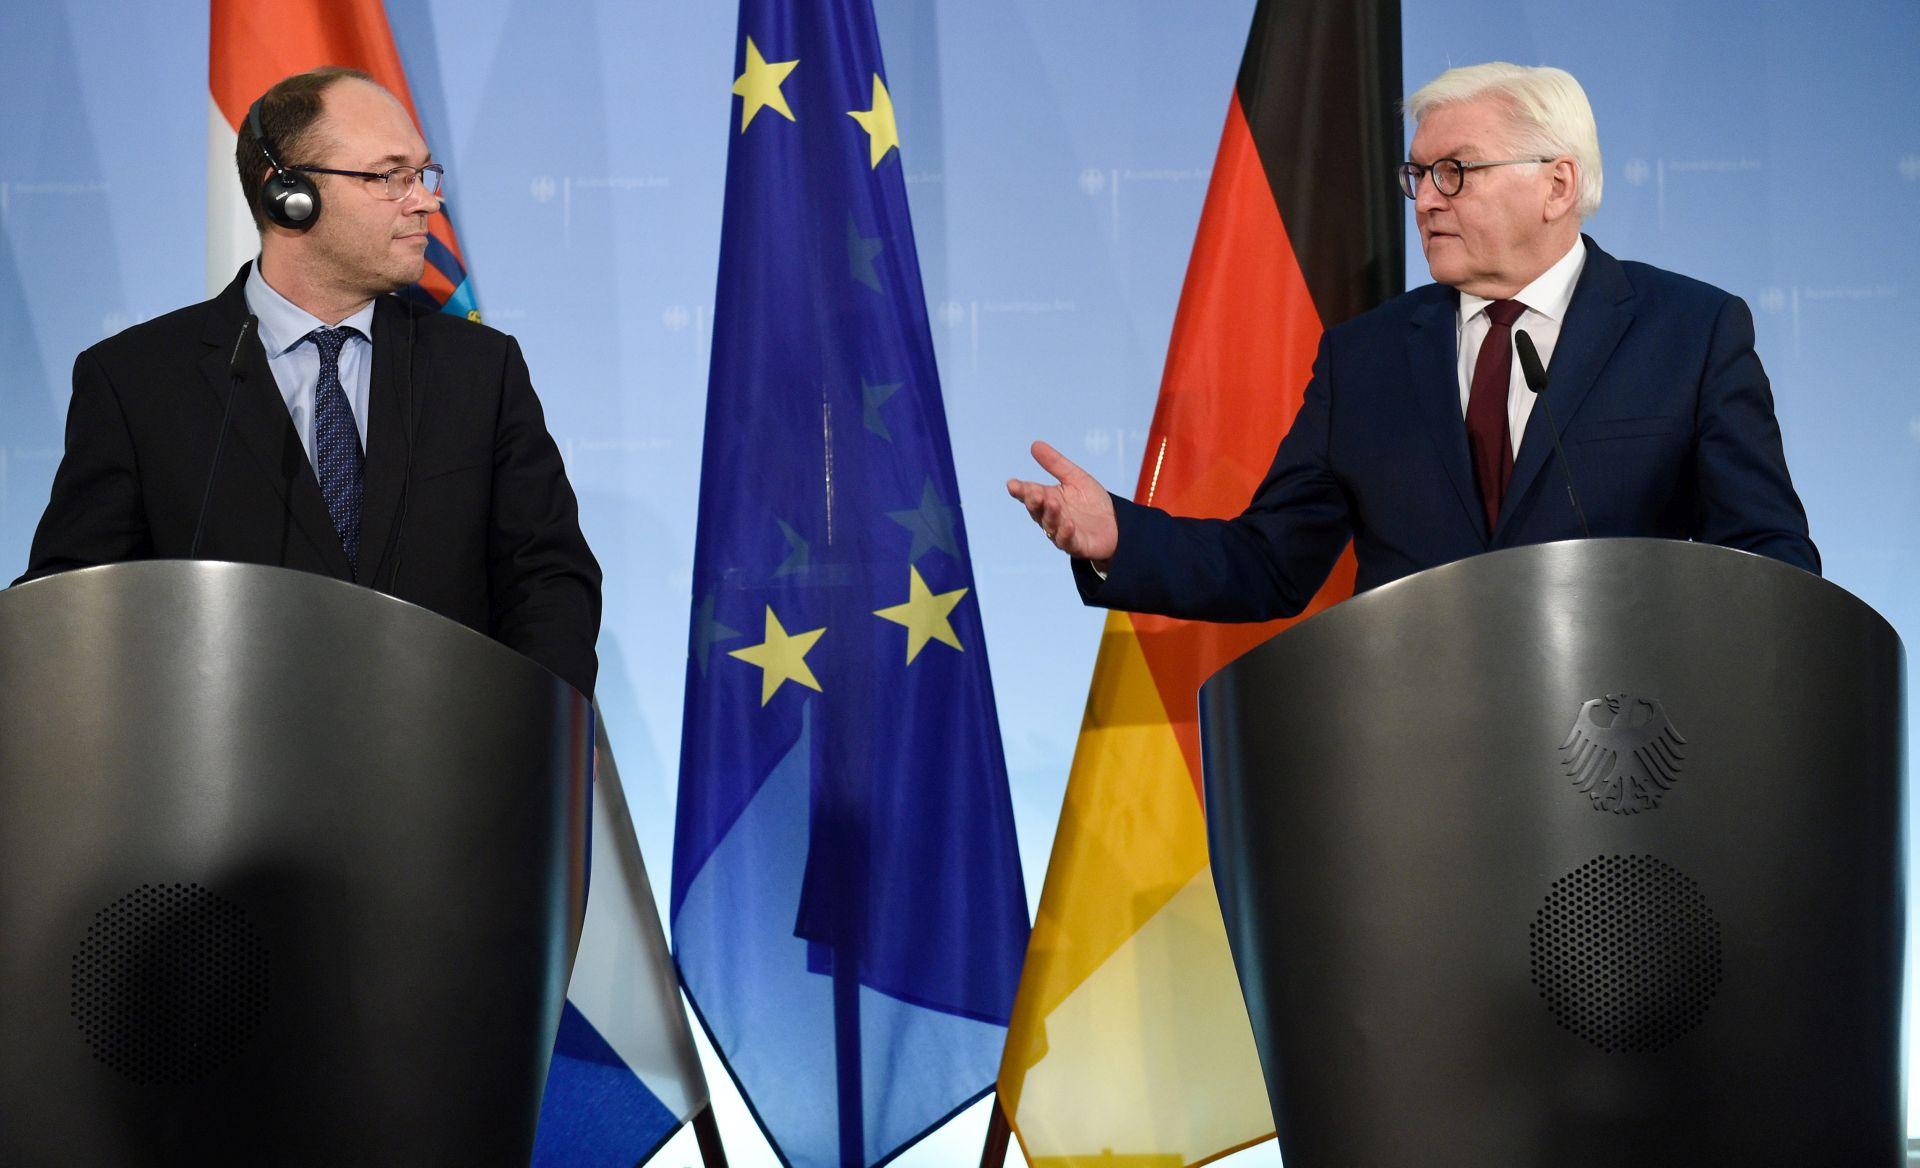 STIER-STEINMEIER: Jasne perspektive jugoistoka Europe, skoro otvaranje srbijanskog poglavlja